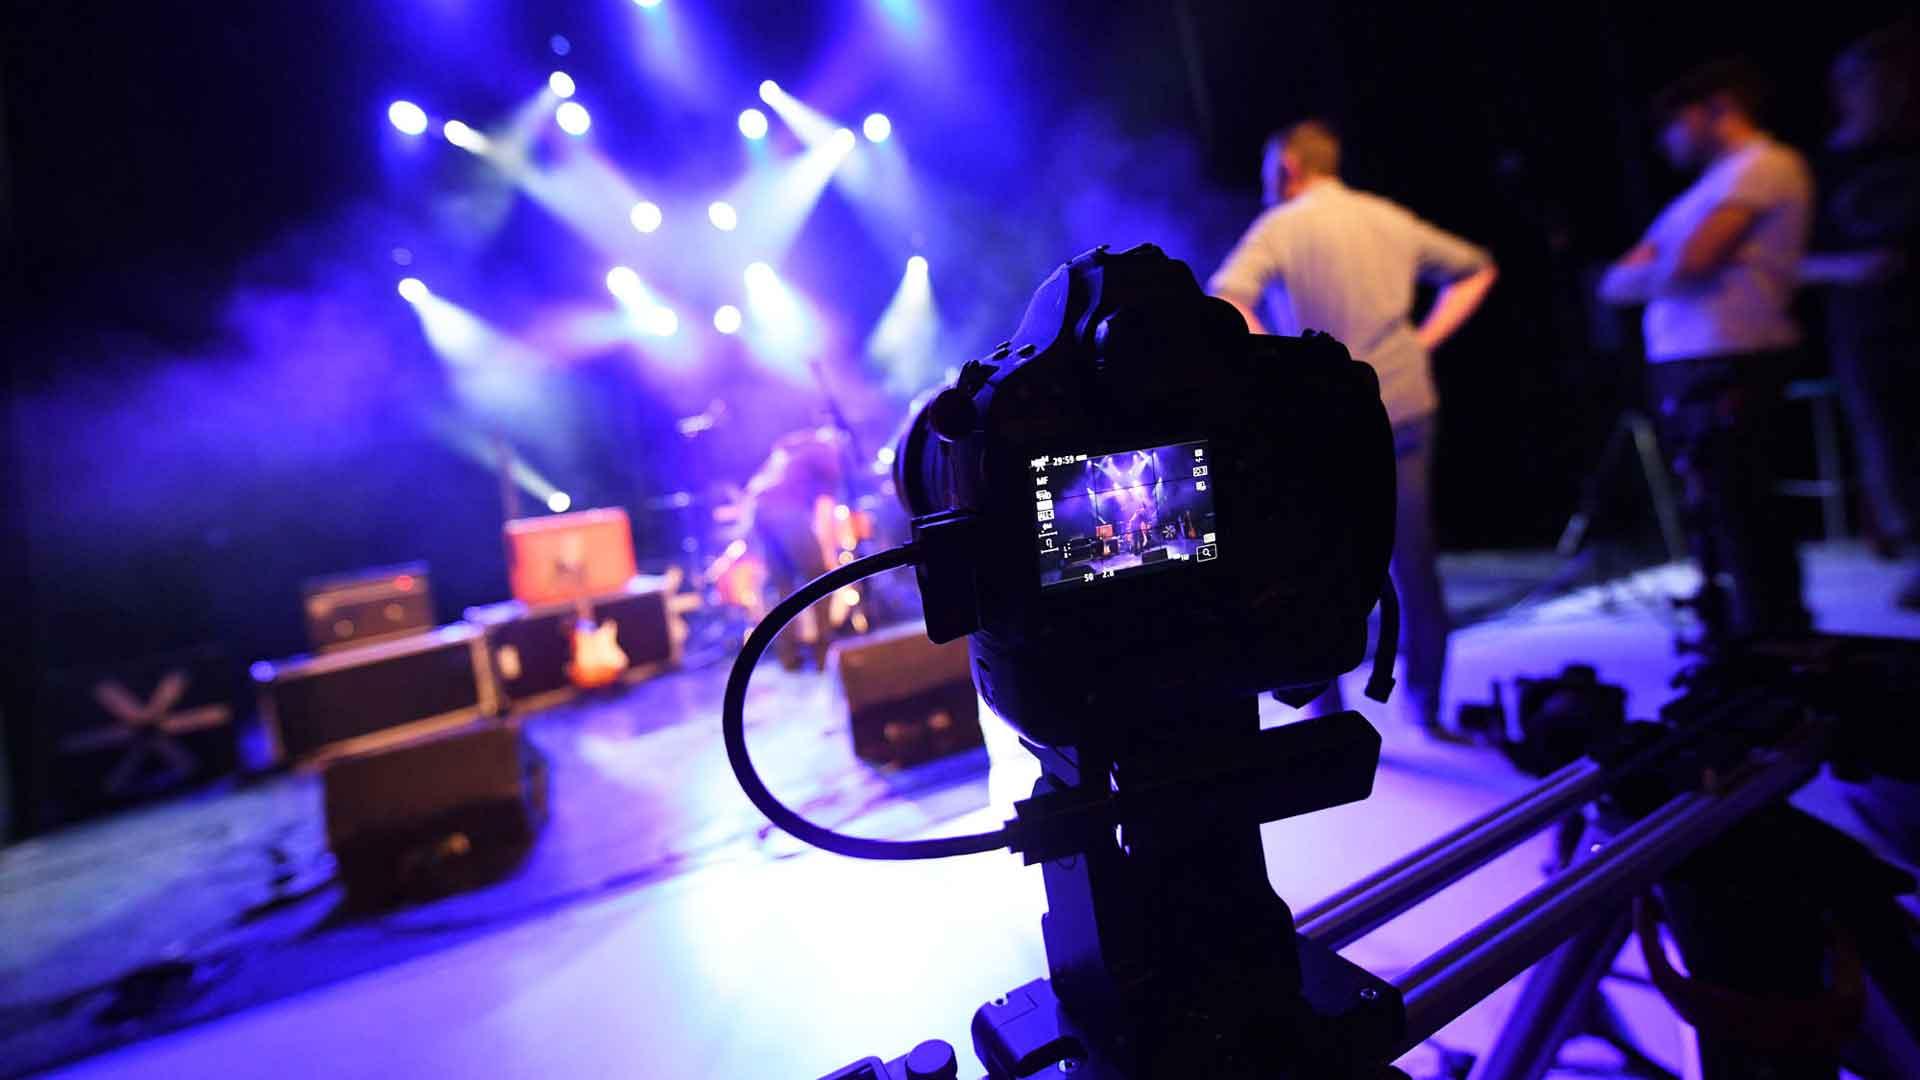 Des concerts filmés et diffusés sur internet !